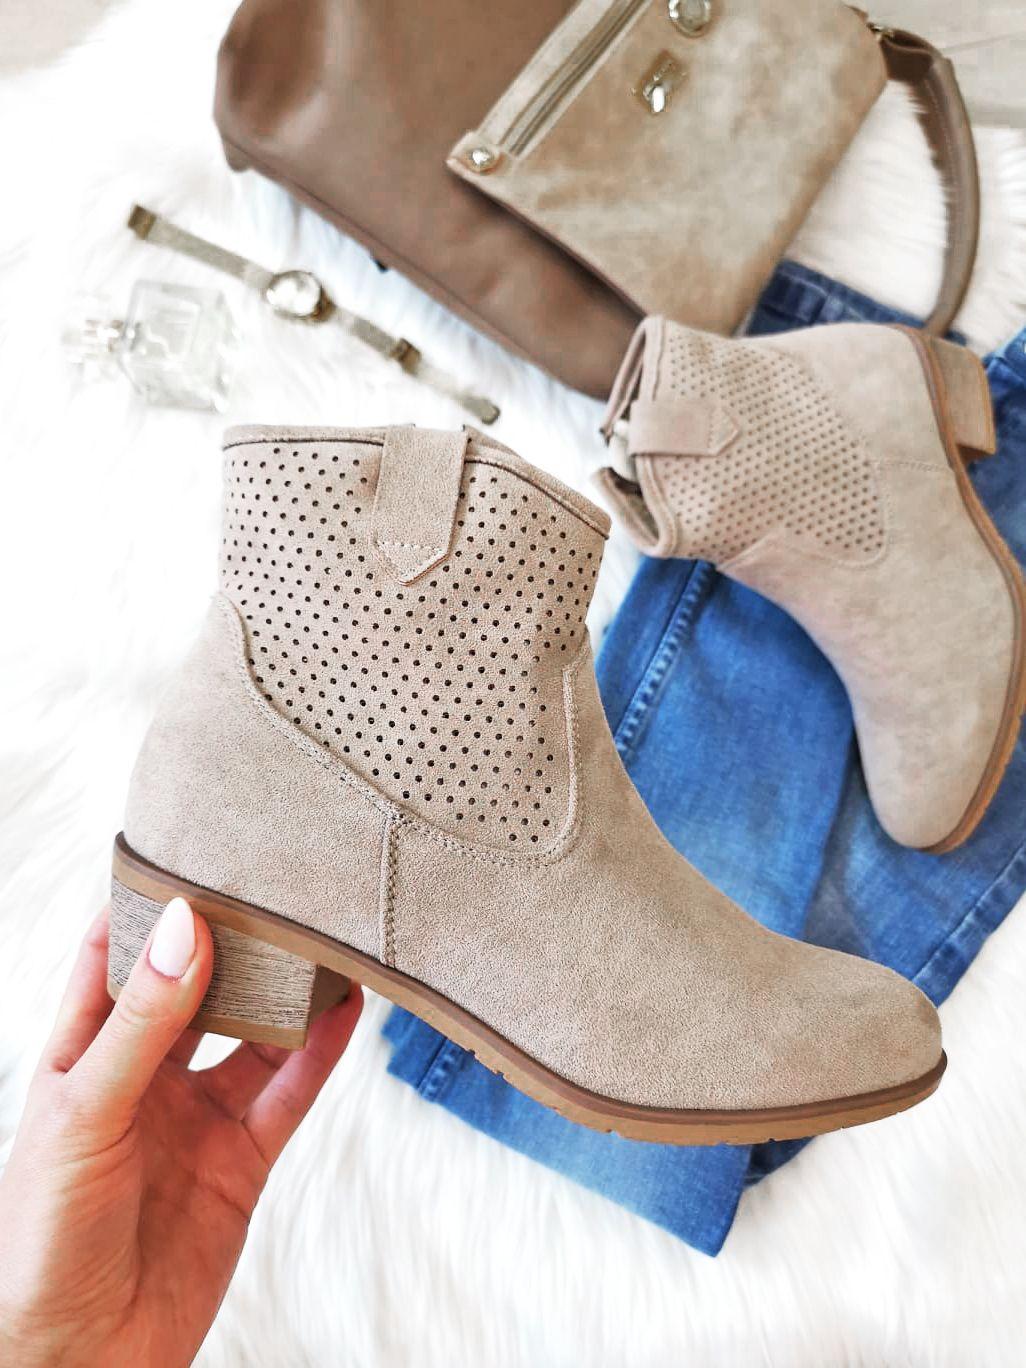 Bezowe Botki Damskie Na Wiosne Dbt1476 Suzana Pl Shoes Womens Fashion Boots